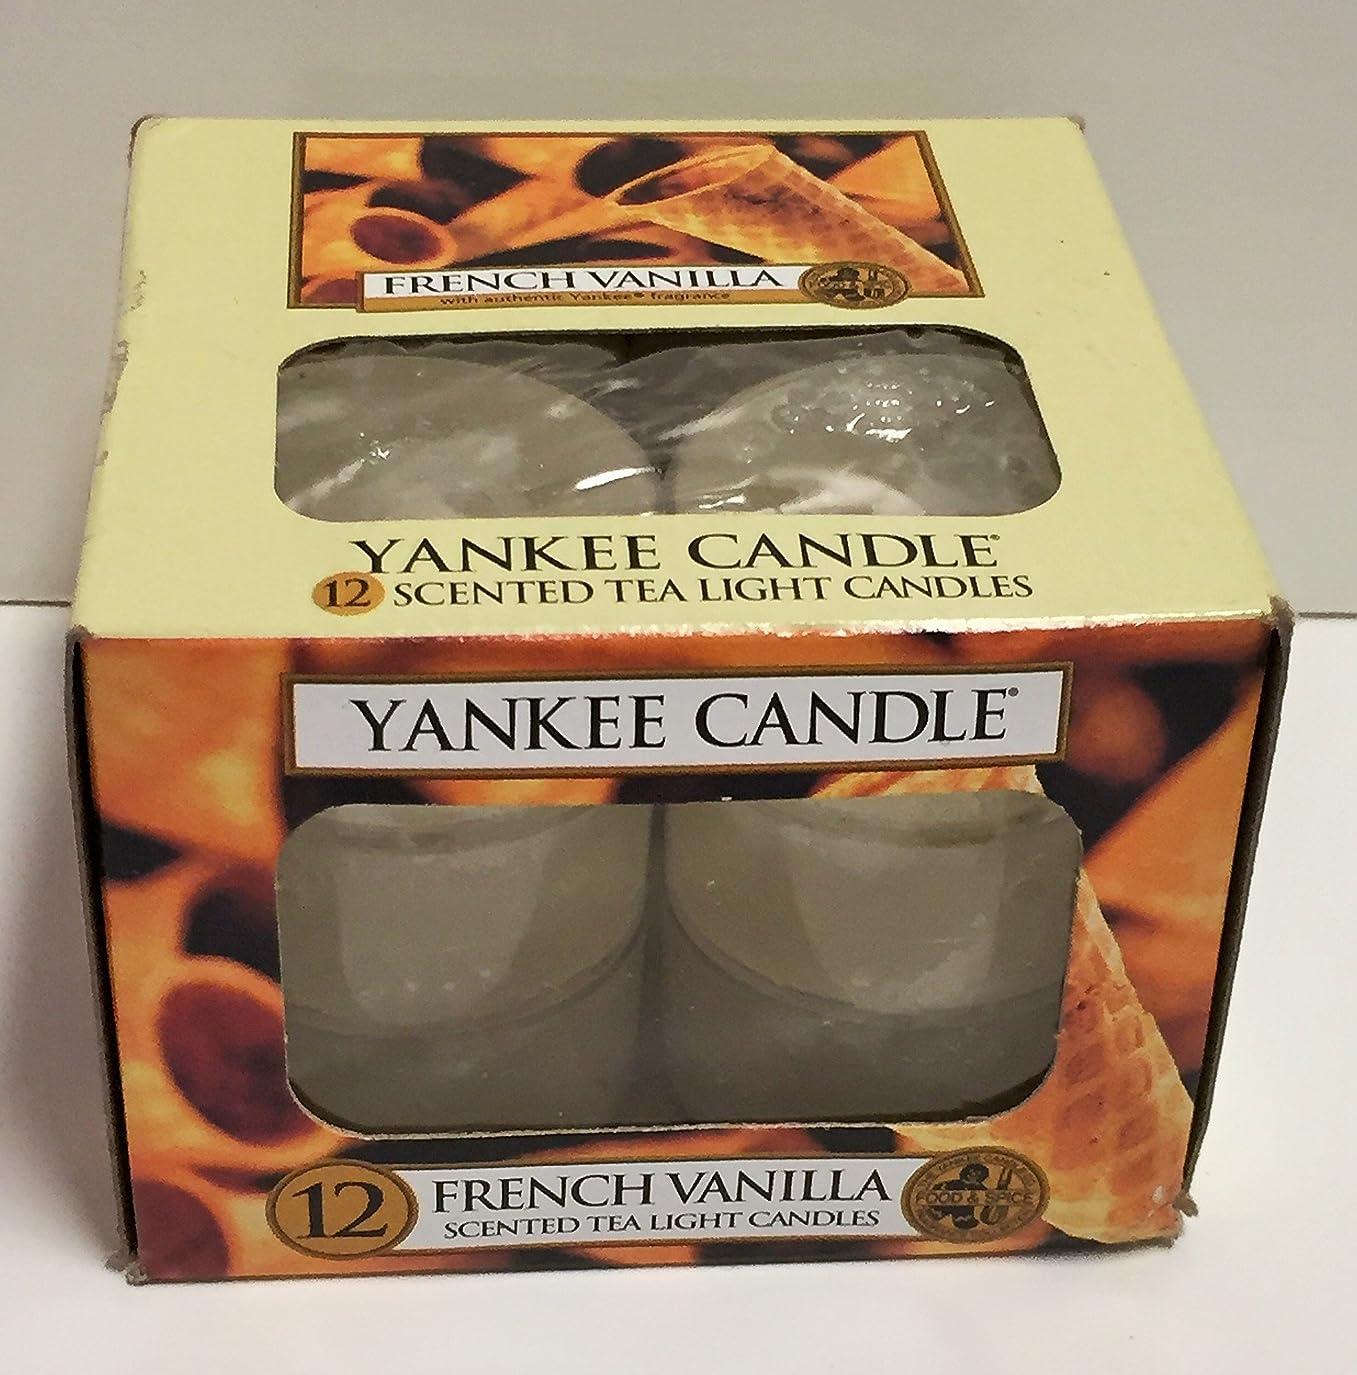 居眠りする軍艦王女Yankee Candle Large 22-ounce Jar Candle、フレンチバニラ Tea Light Candles 14112-YC